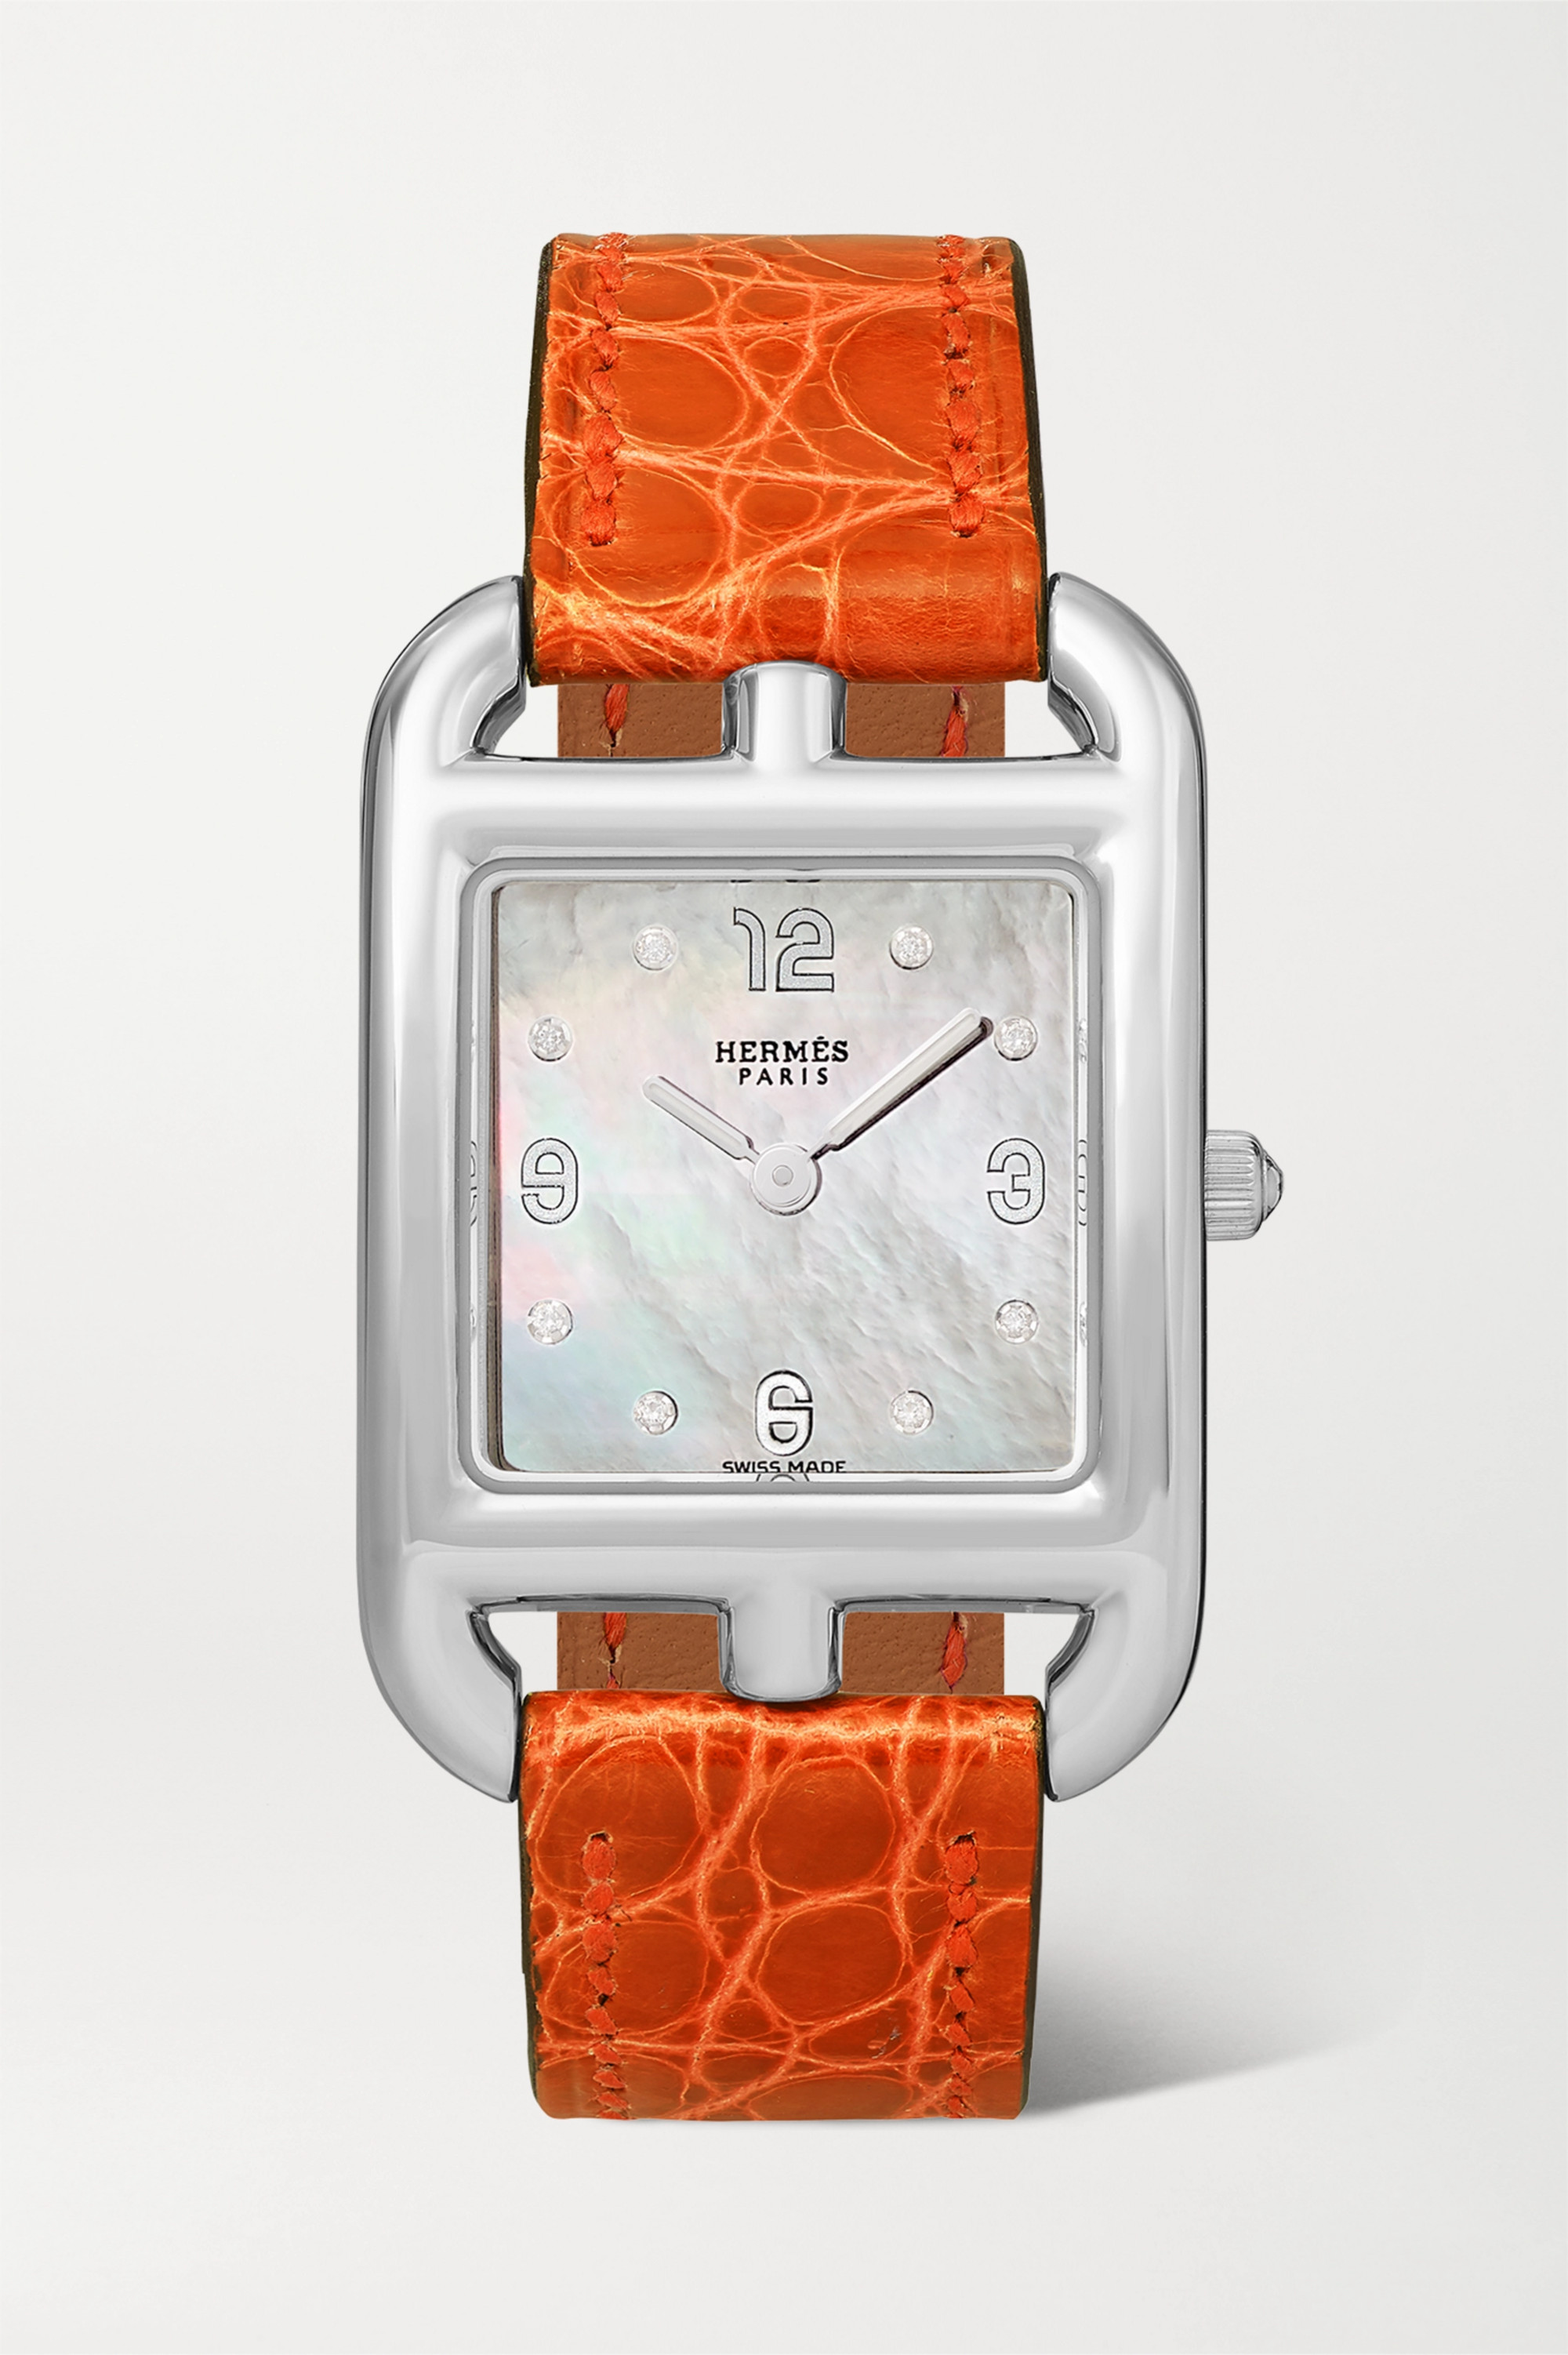 Hermès Timepieces Cape Cod 23 mm kleine Uhr aus Edelstahl mit Perlmutt, Diamanten und Alligatorlederarmband